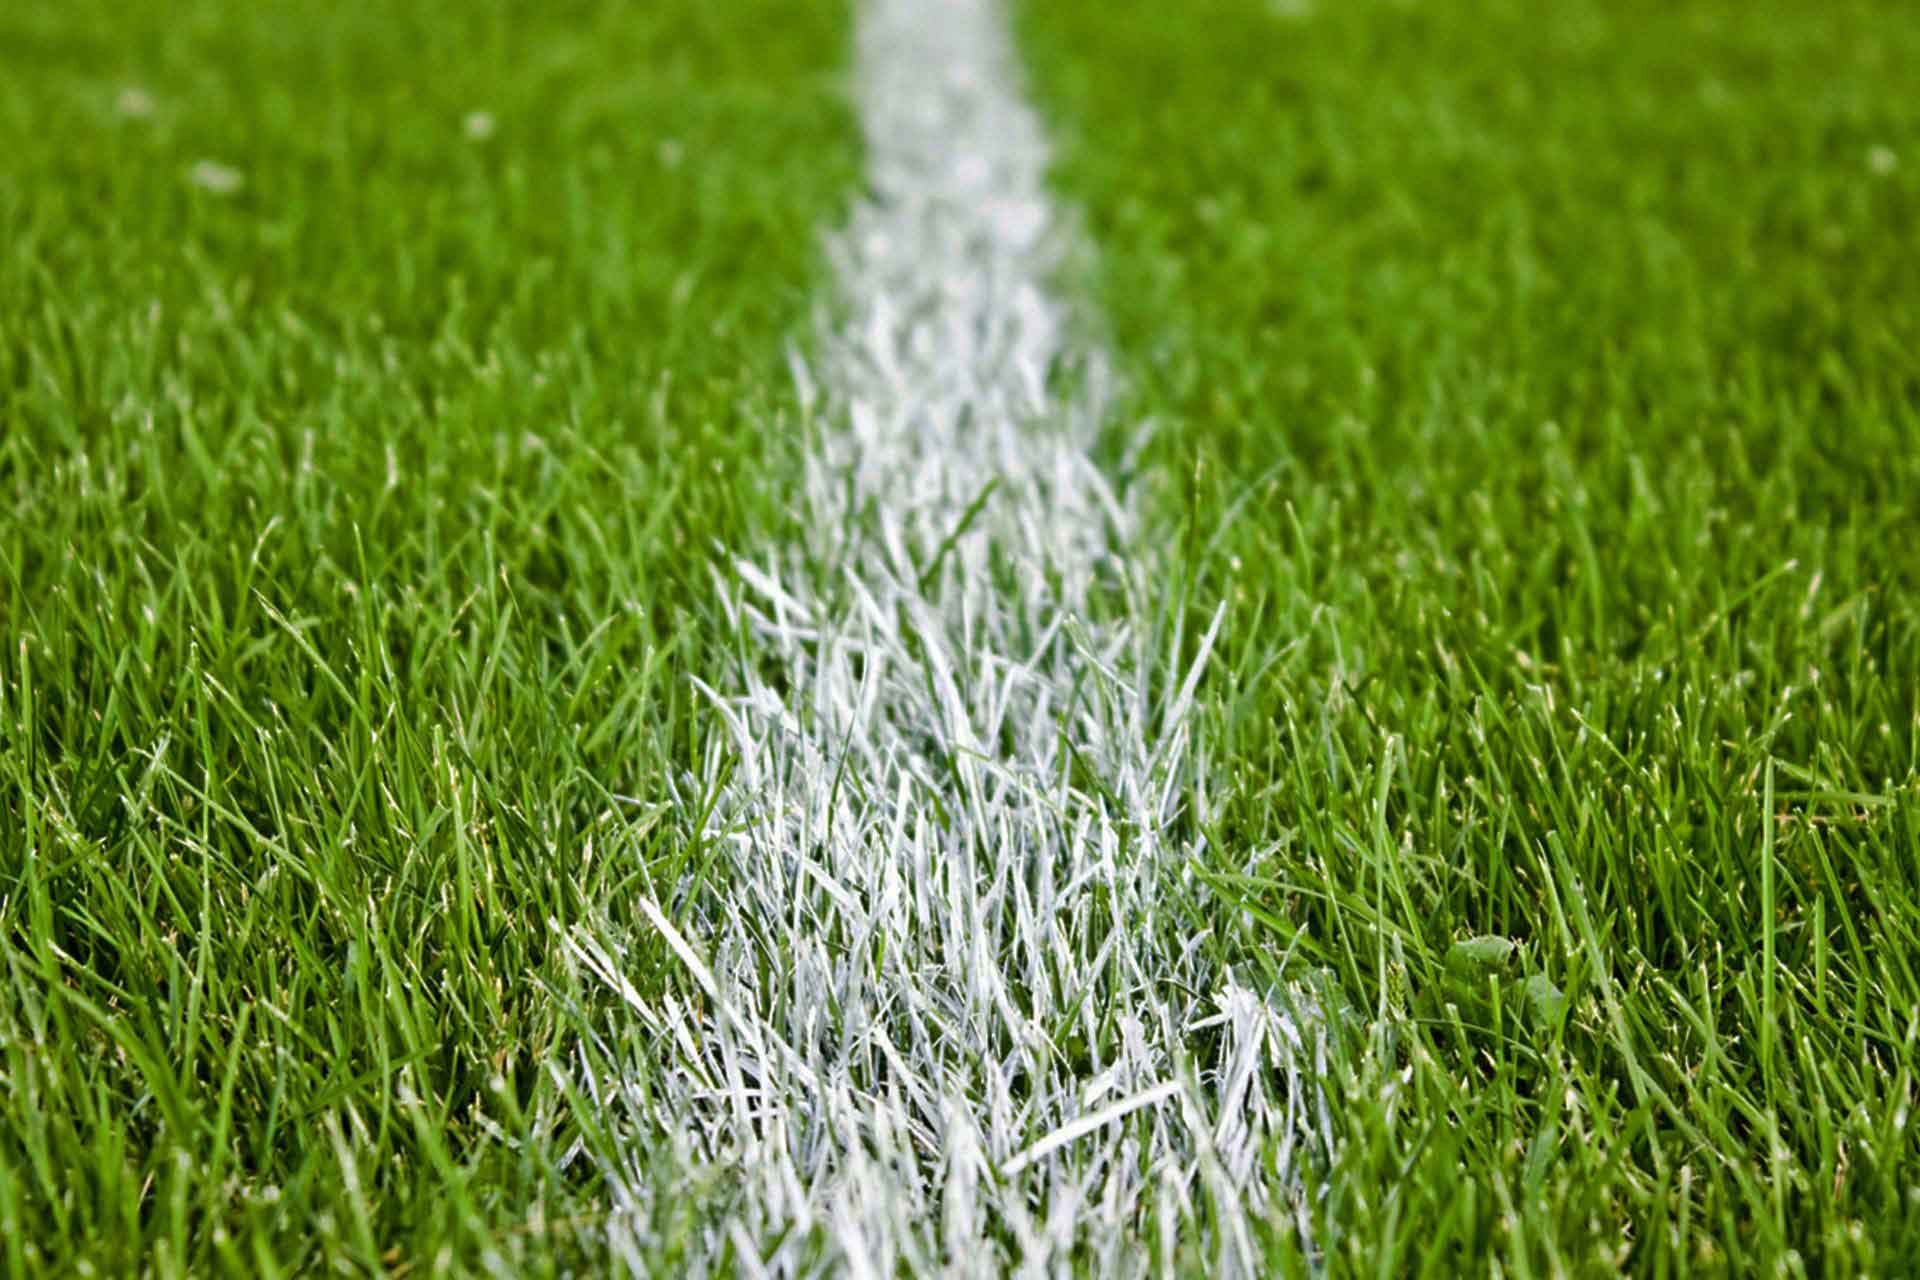 football-grass-pitch-101072b